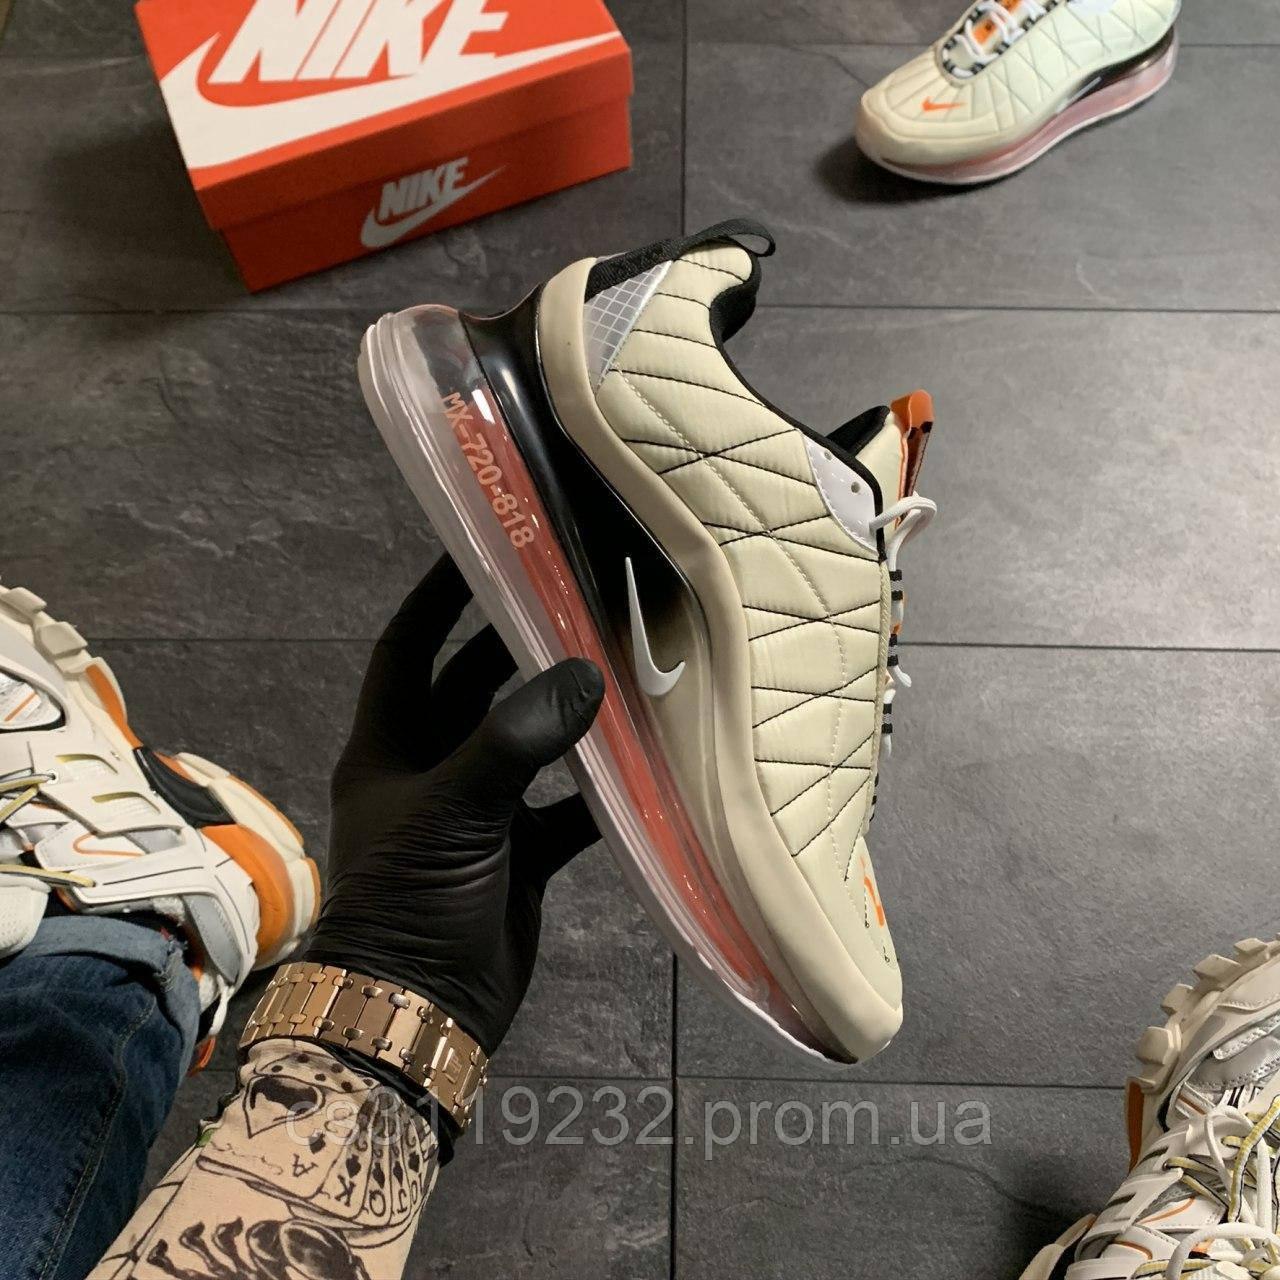 Мужские демисезонные кроссовки Nike Air Max 720-98 Metallic Silver (термо) (серые)